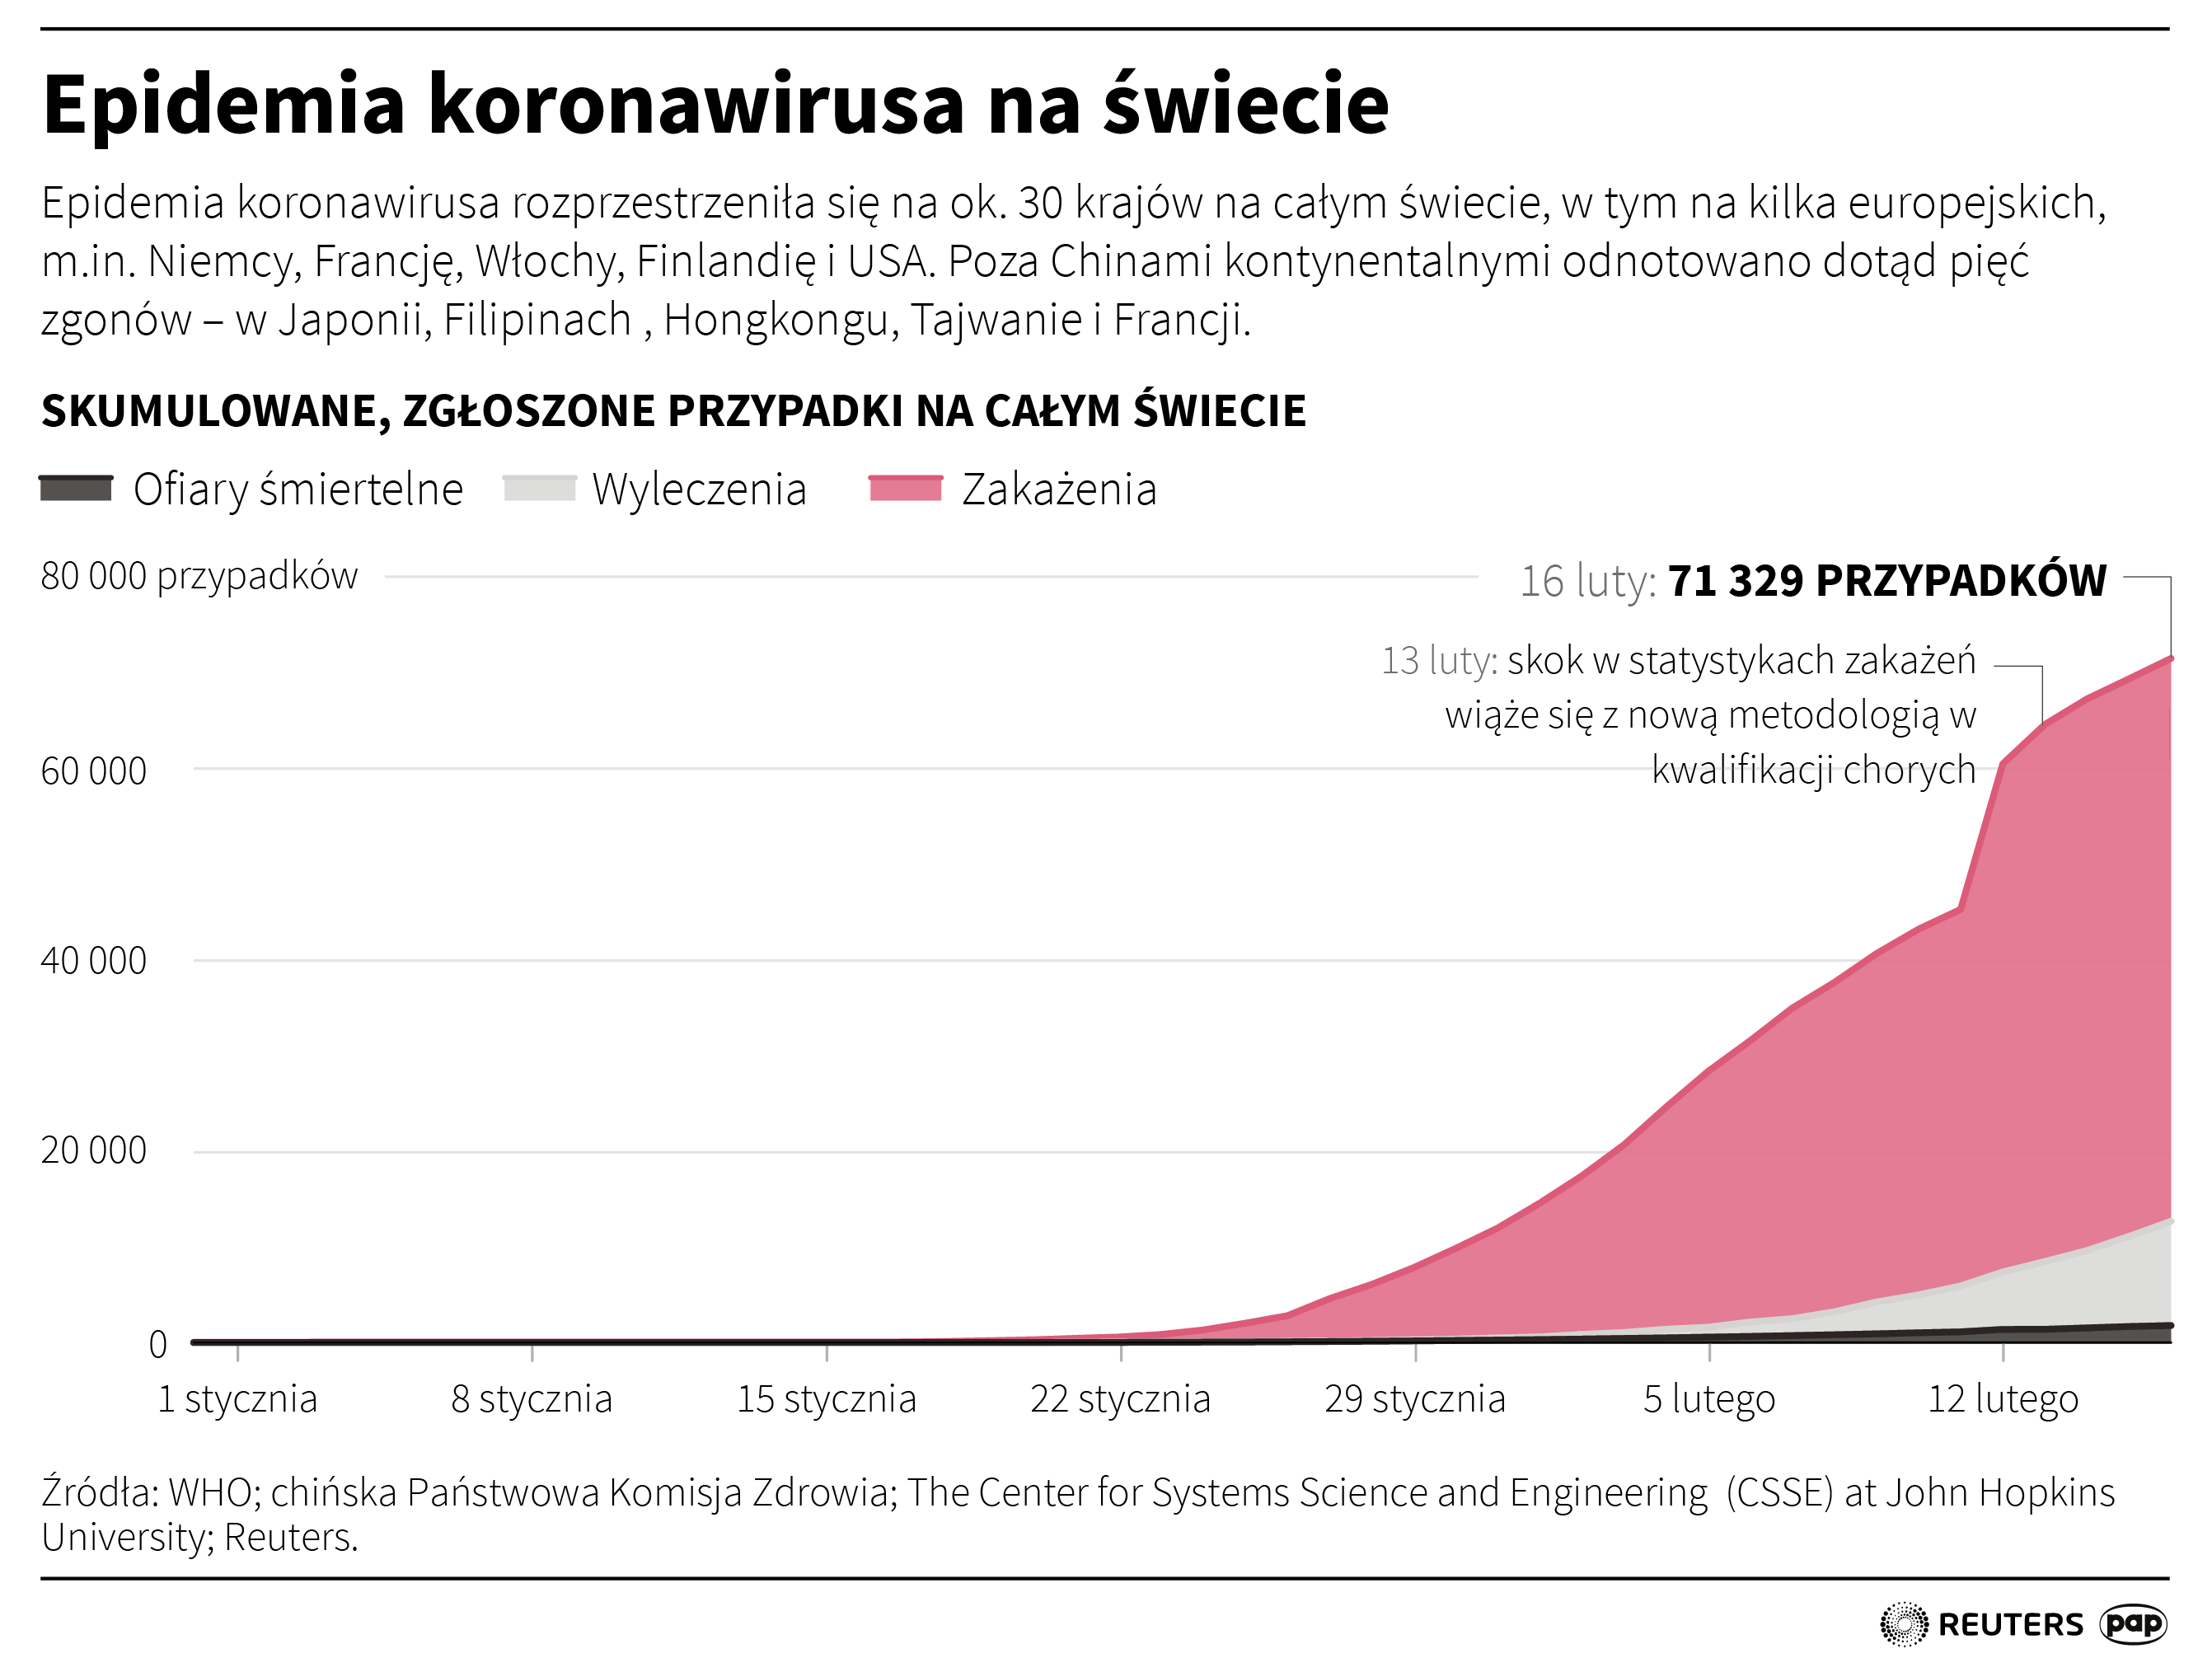 Epidemia koronawirusa na świecie